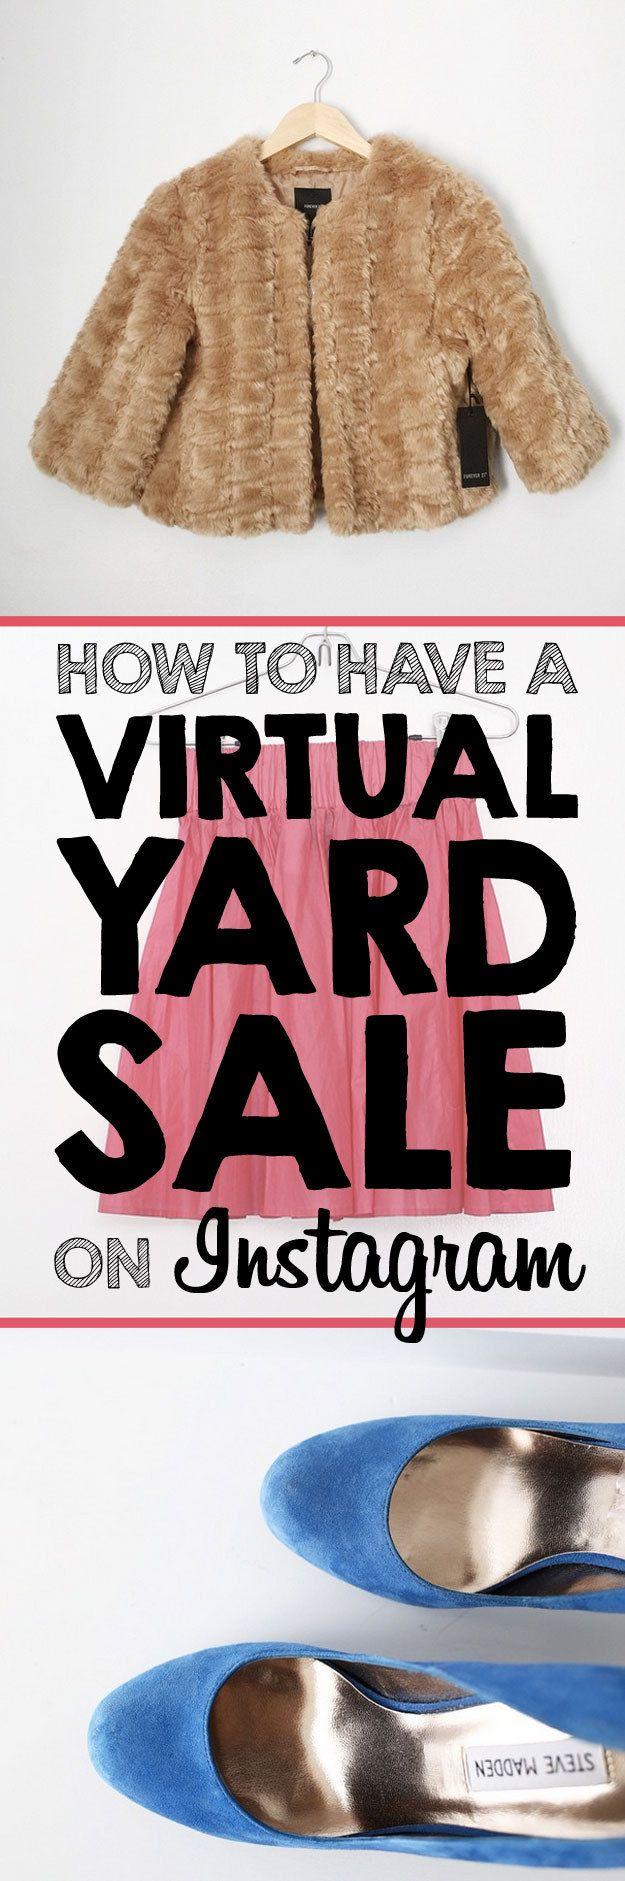 1000 ideas about Online Garage Sale on Pinterest  Yard sale Garage sale tips and Garage sale